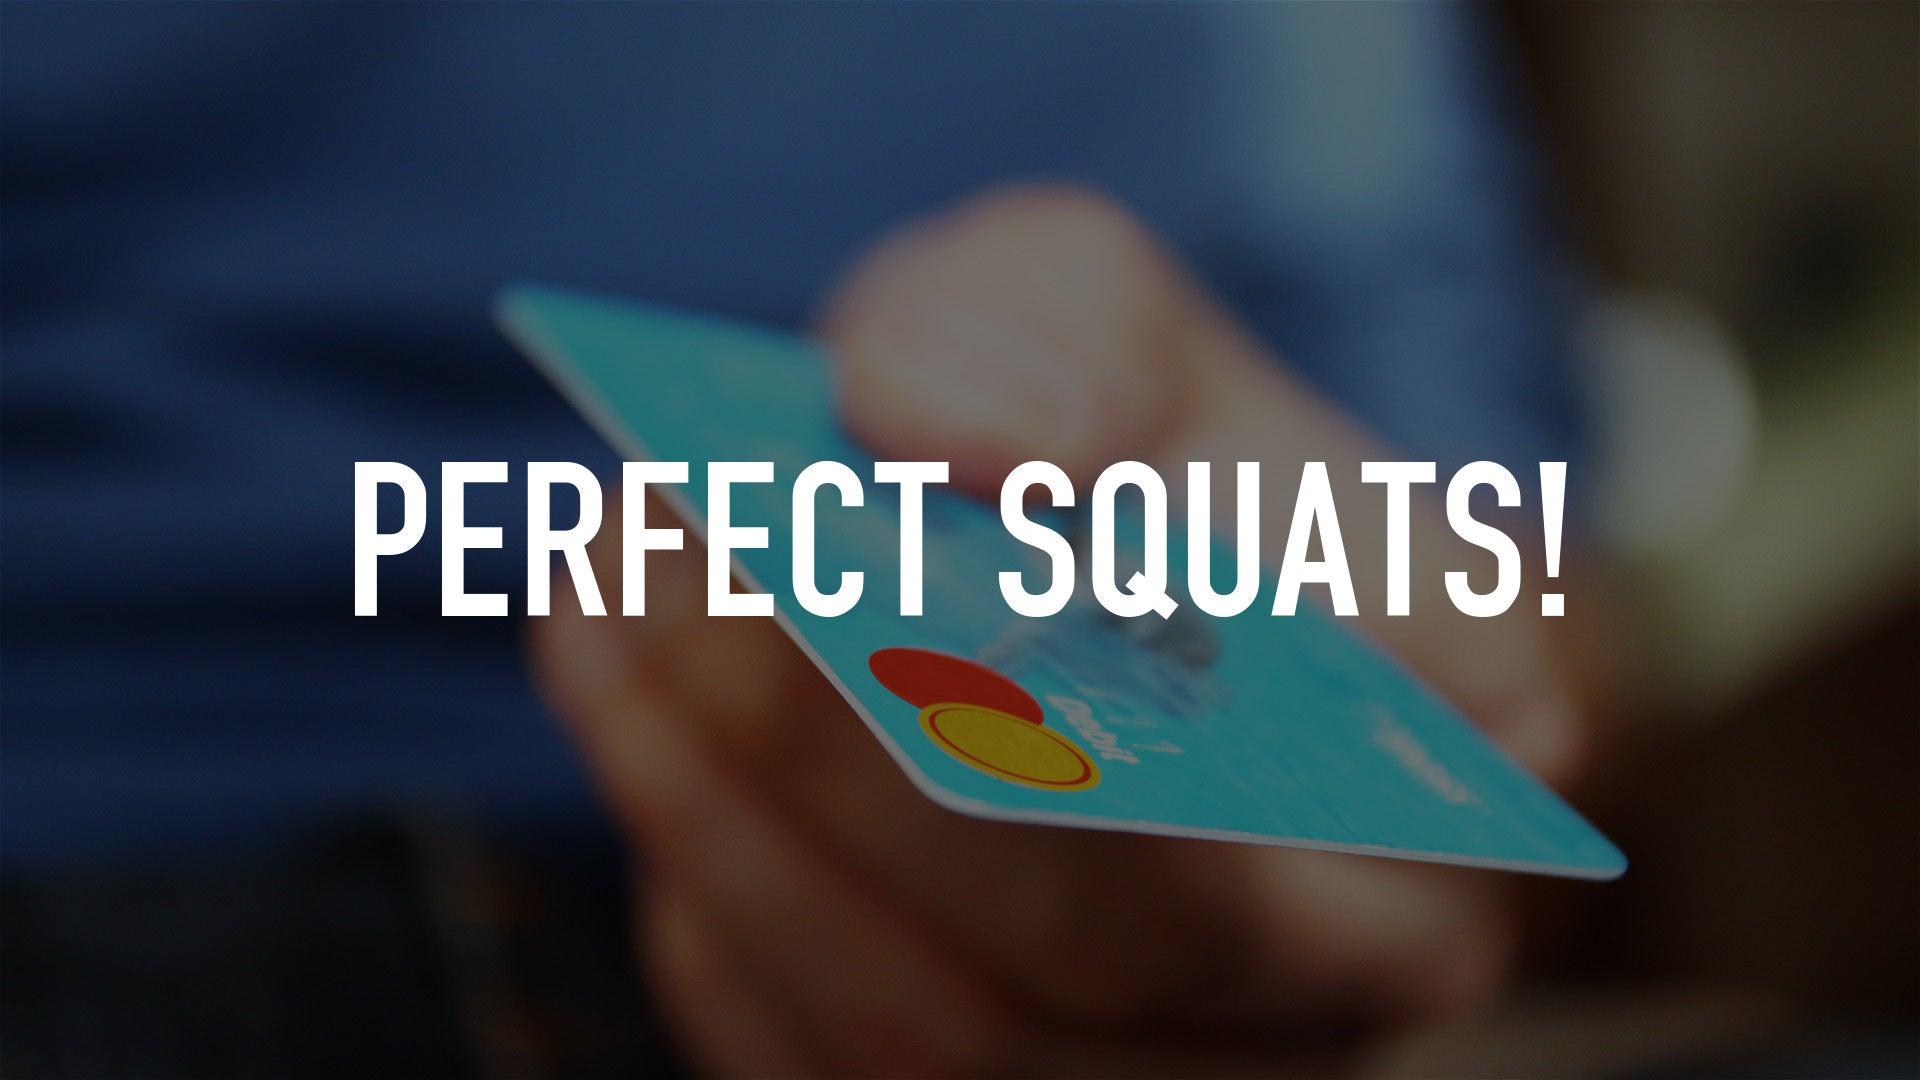 Perfect Squats!